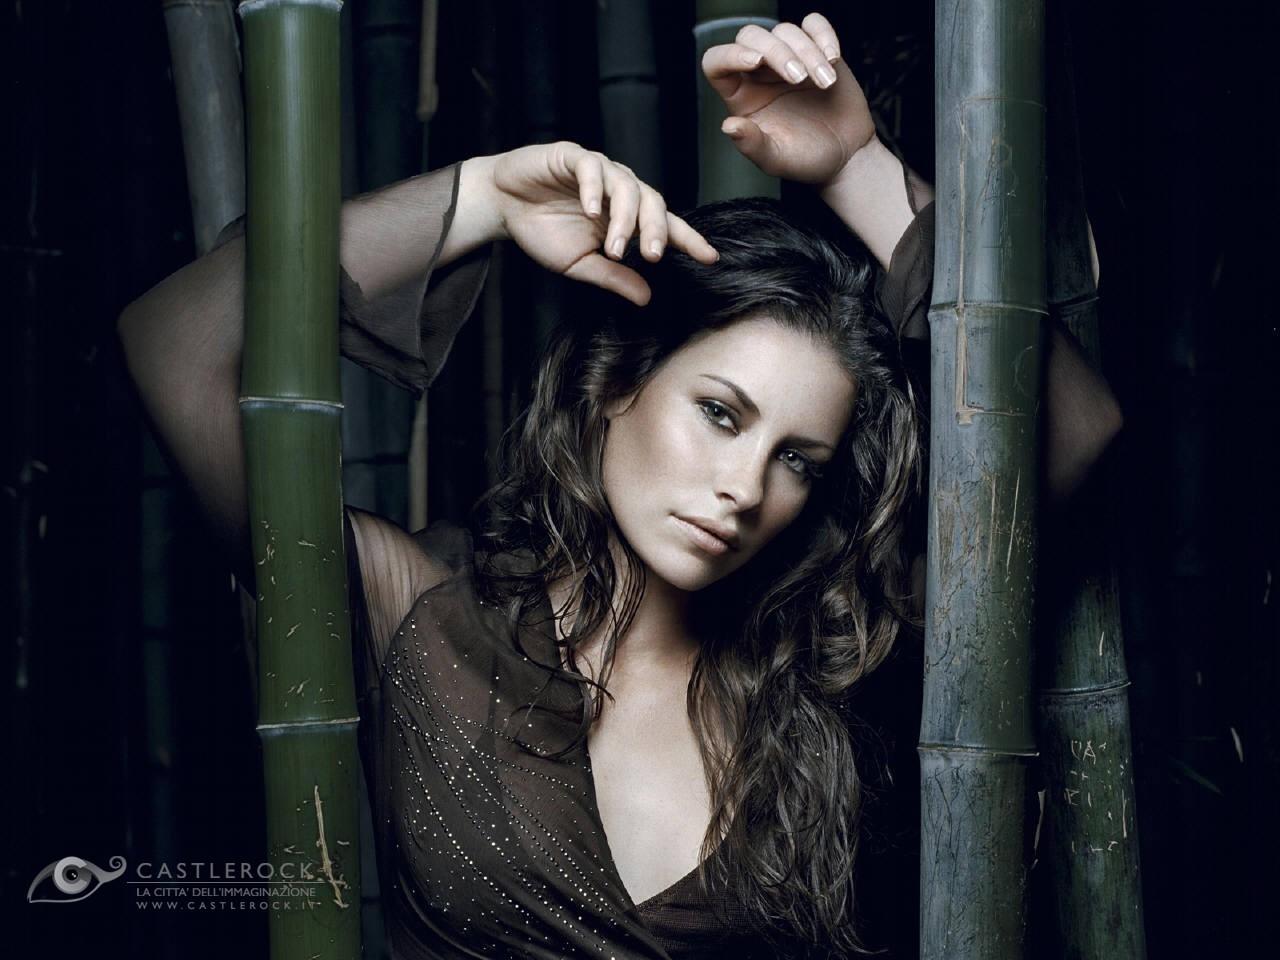 Wallpaper: canne di bambu e fascino per la bella Evangeline Lilly